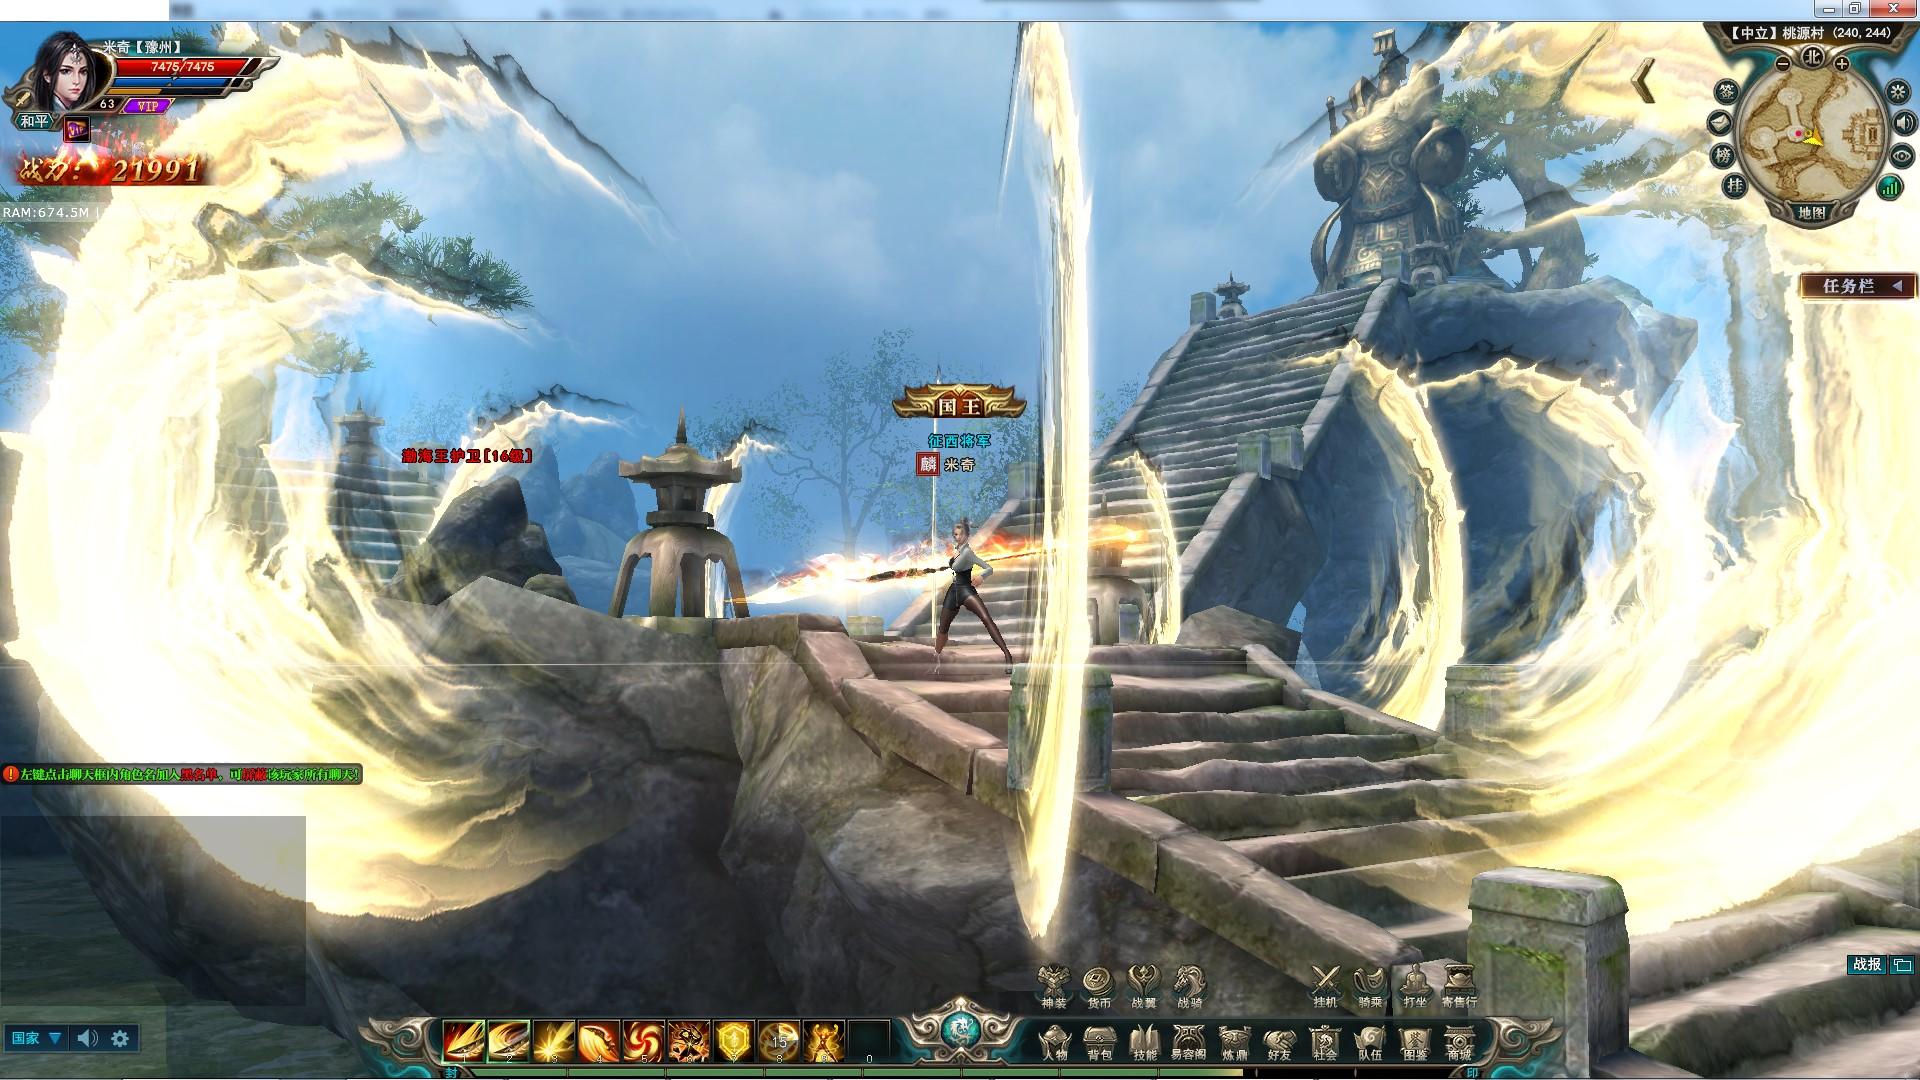 《御龙在天国战平衡版》游戏截图